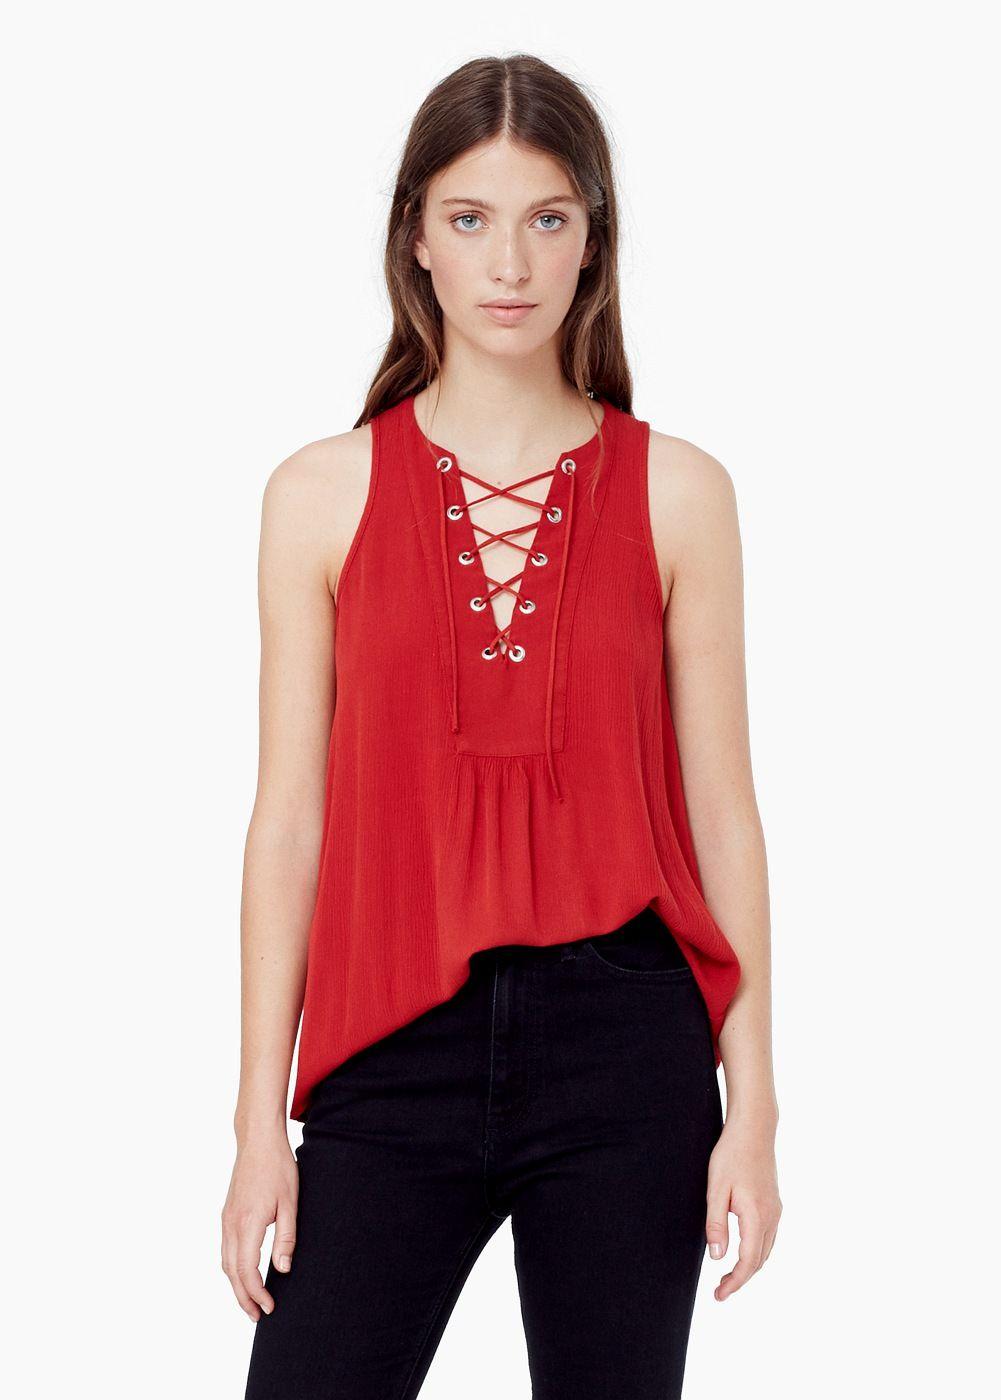 Blusa cordón - Camisas de Mujer | MANGO